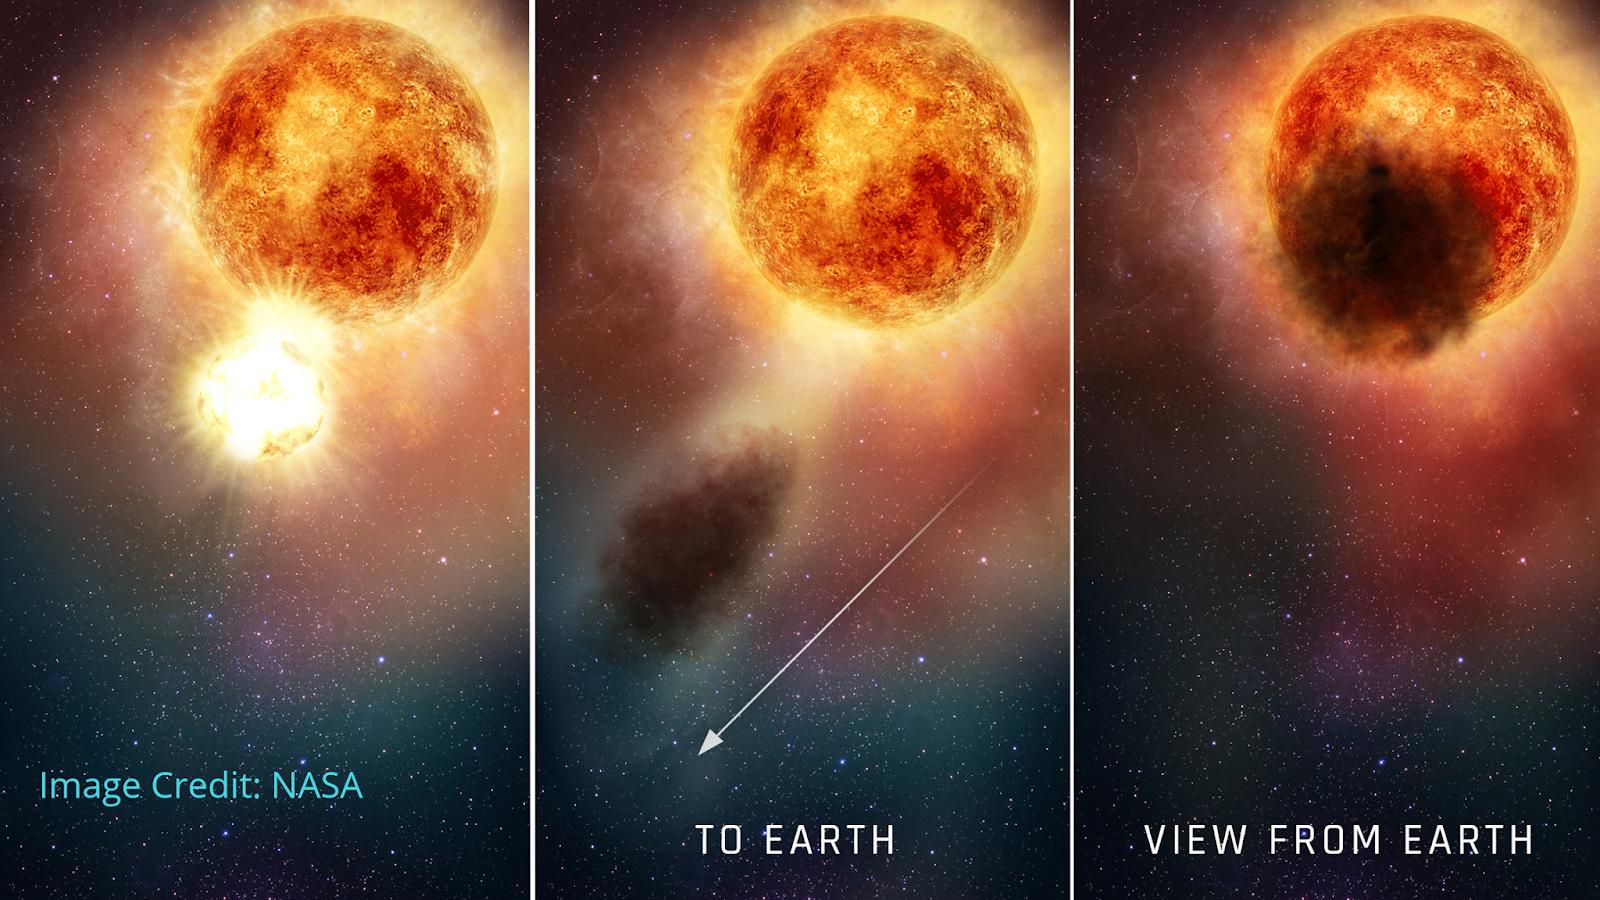 Betelgeuse Star dimming